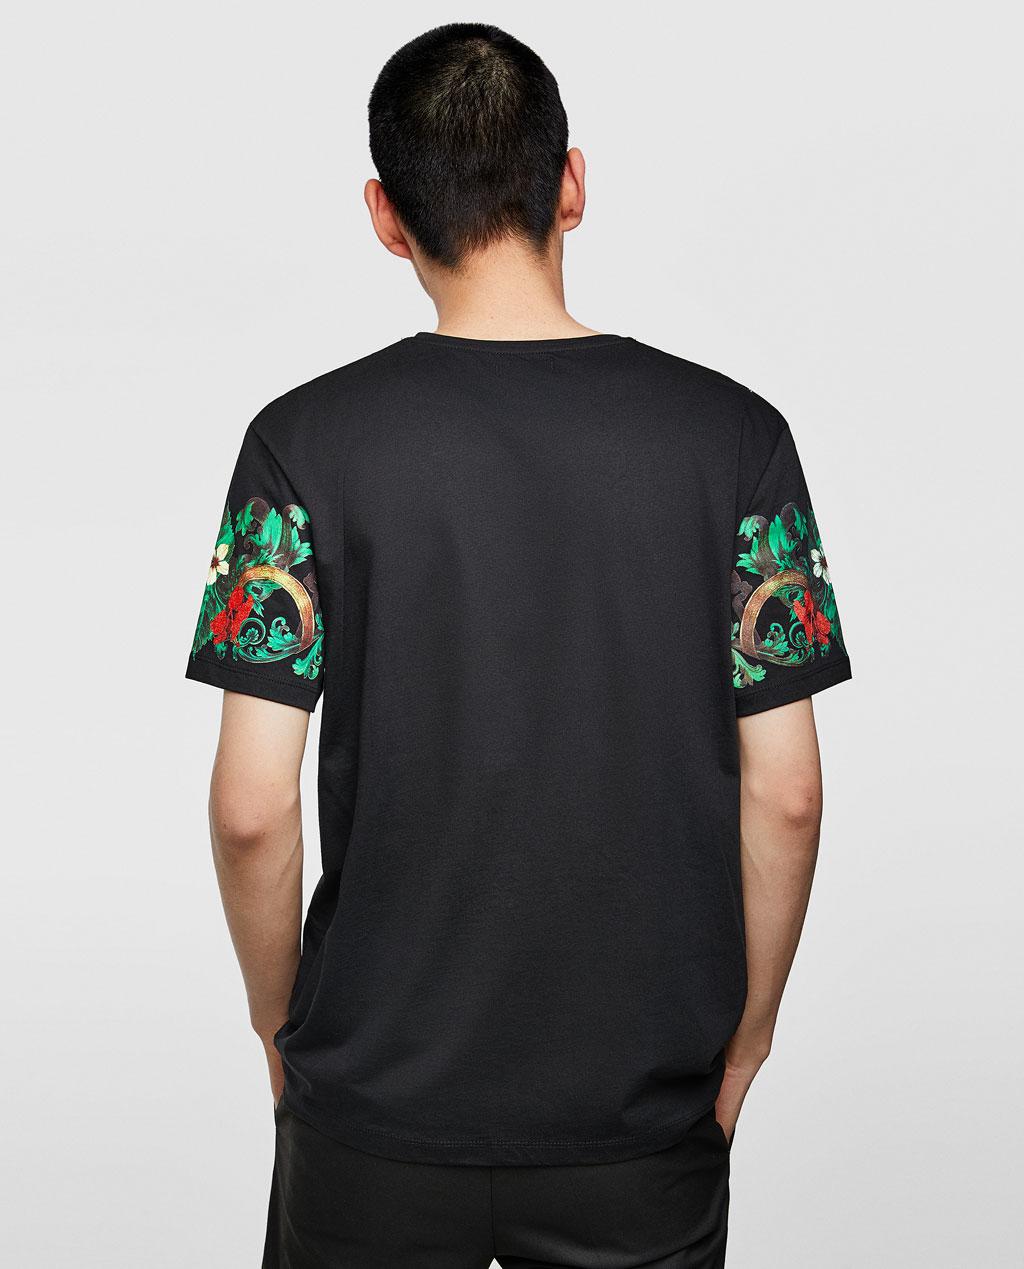 Thời trang nam Zara  24006 - ảnh 5